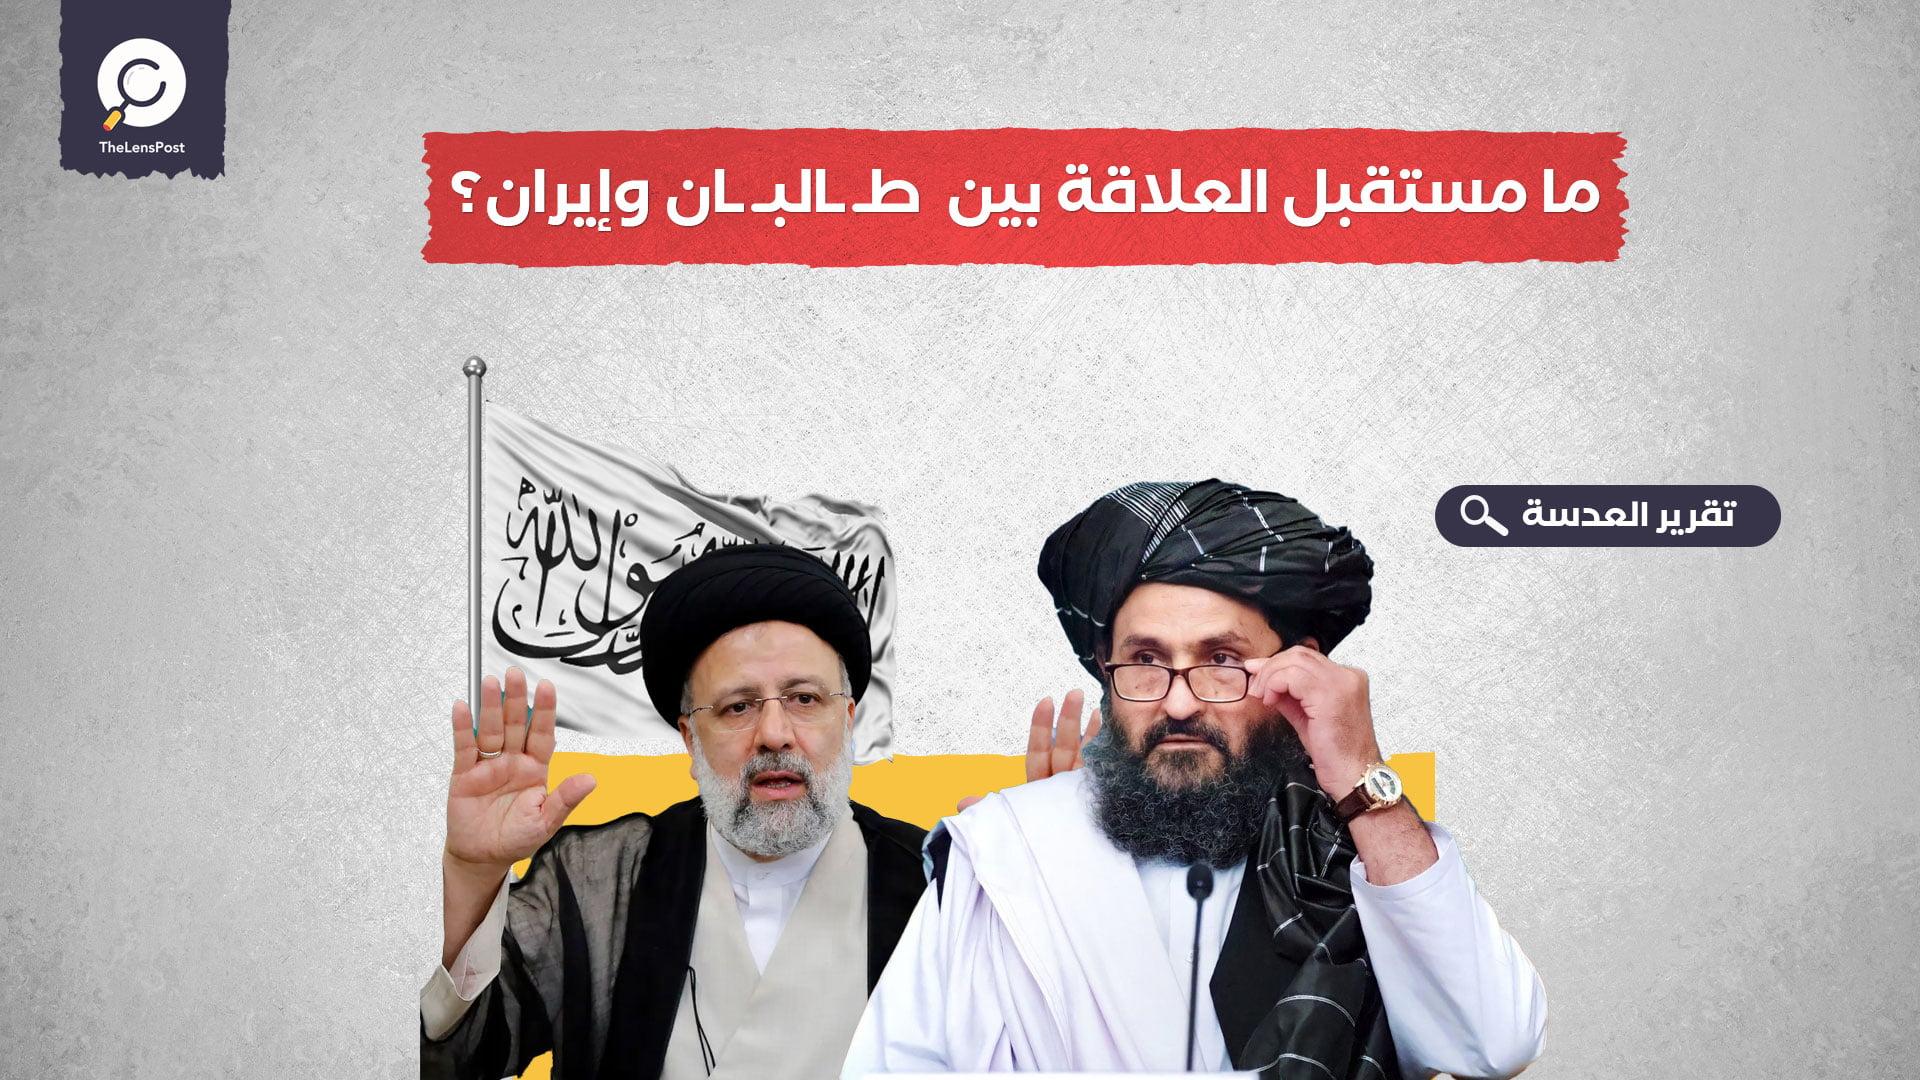 ما مستقبل العلاقة بين طالبان وإيران؟